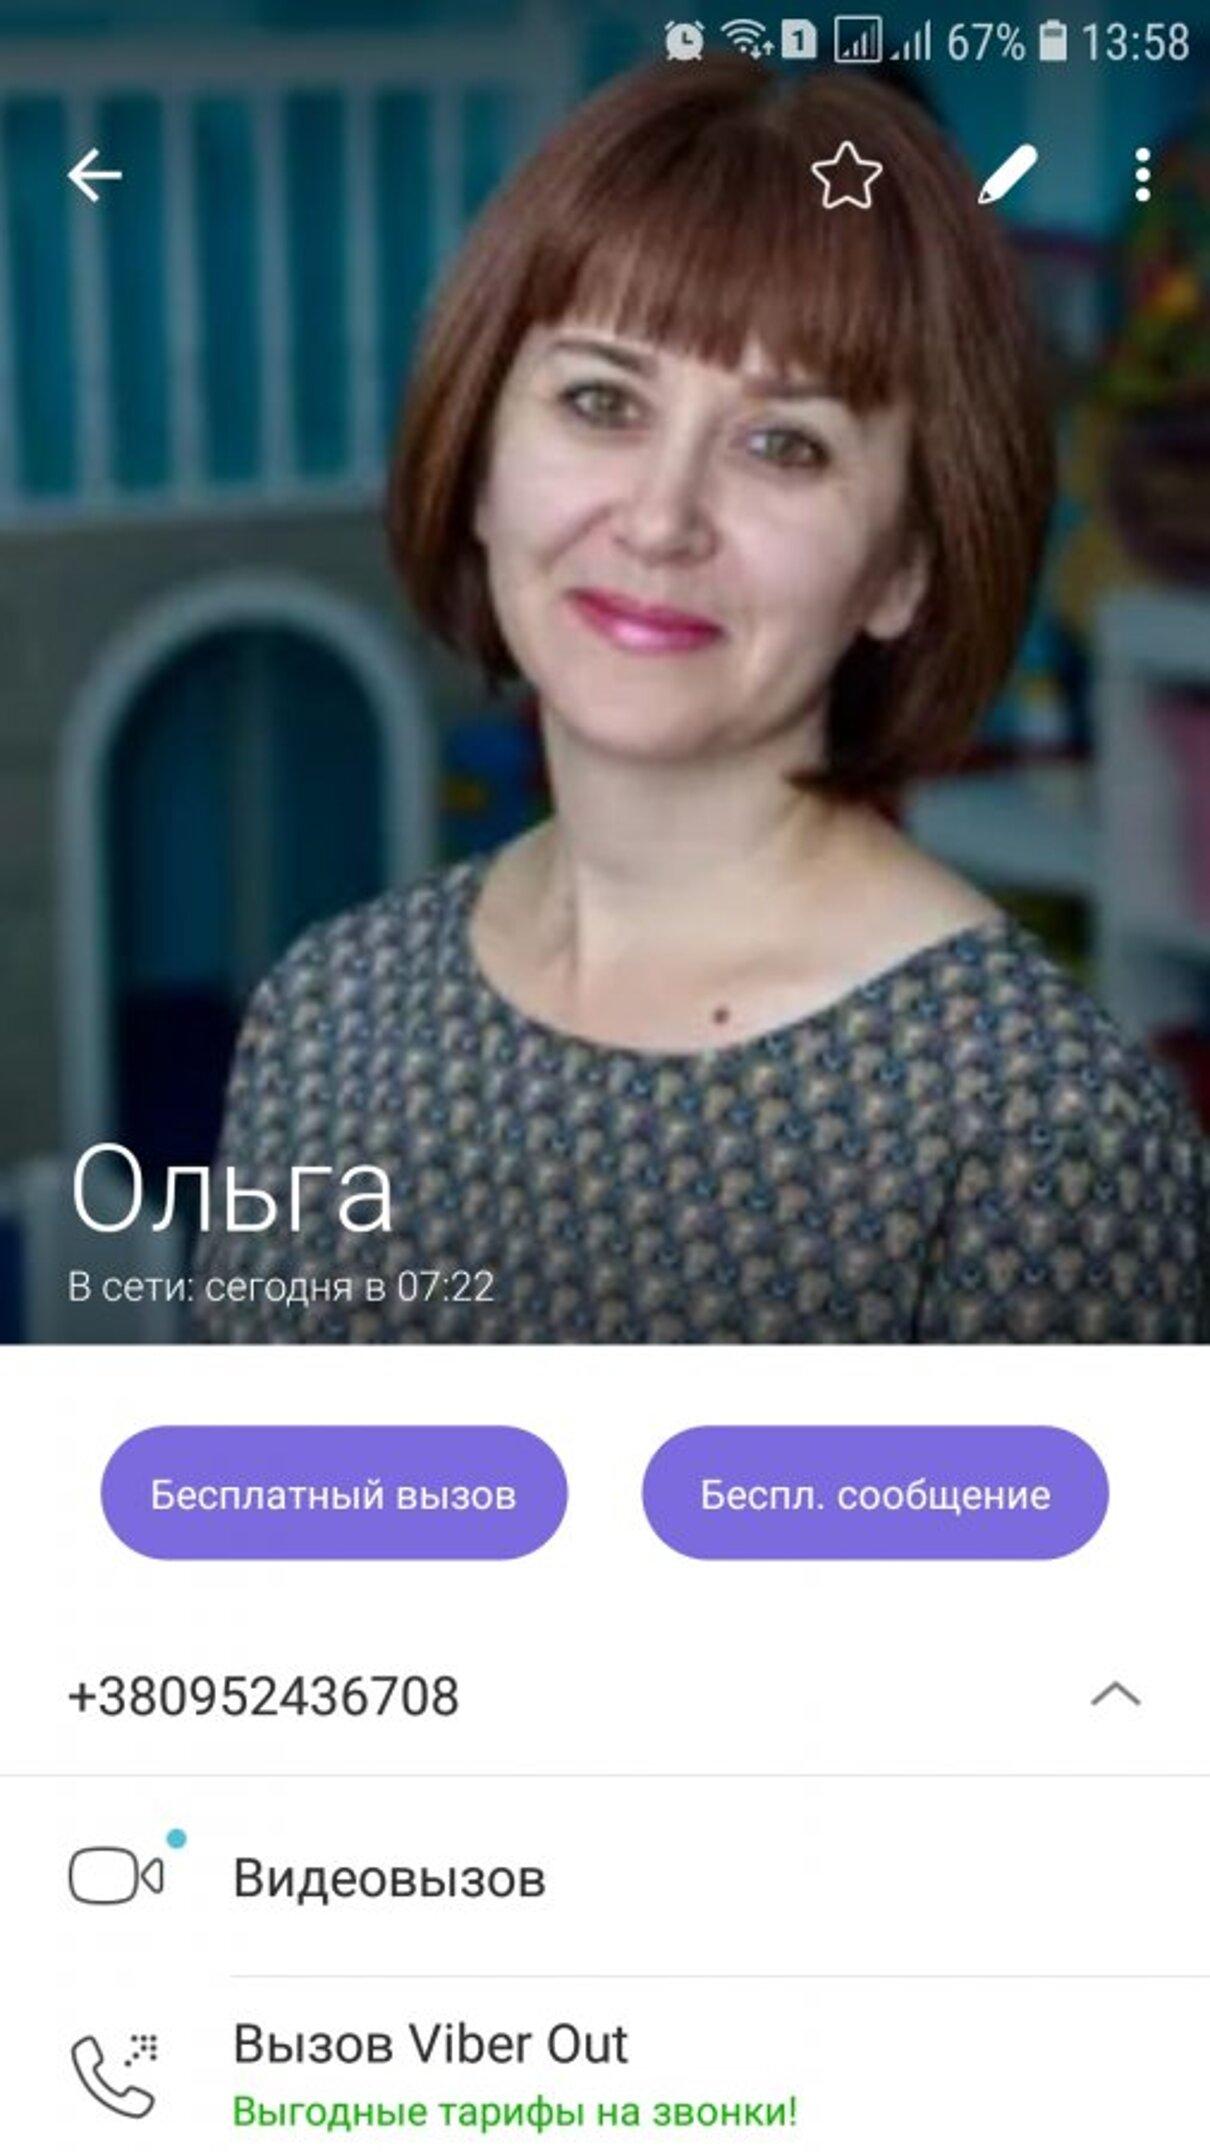 Жалоба-отзыв: Мальцева Ольга Викторовна - Мошенник.  Фото №1